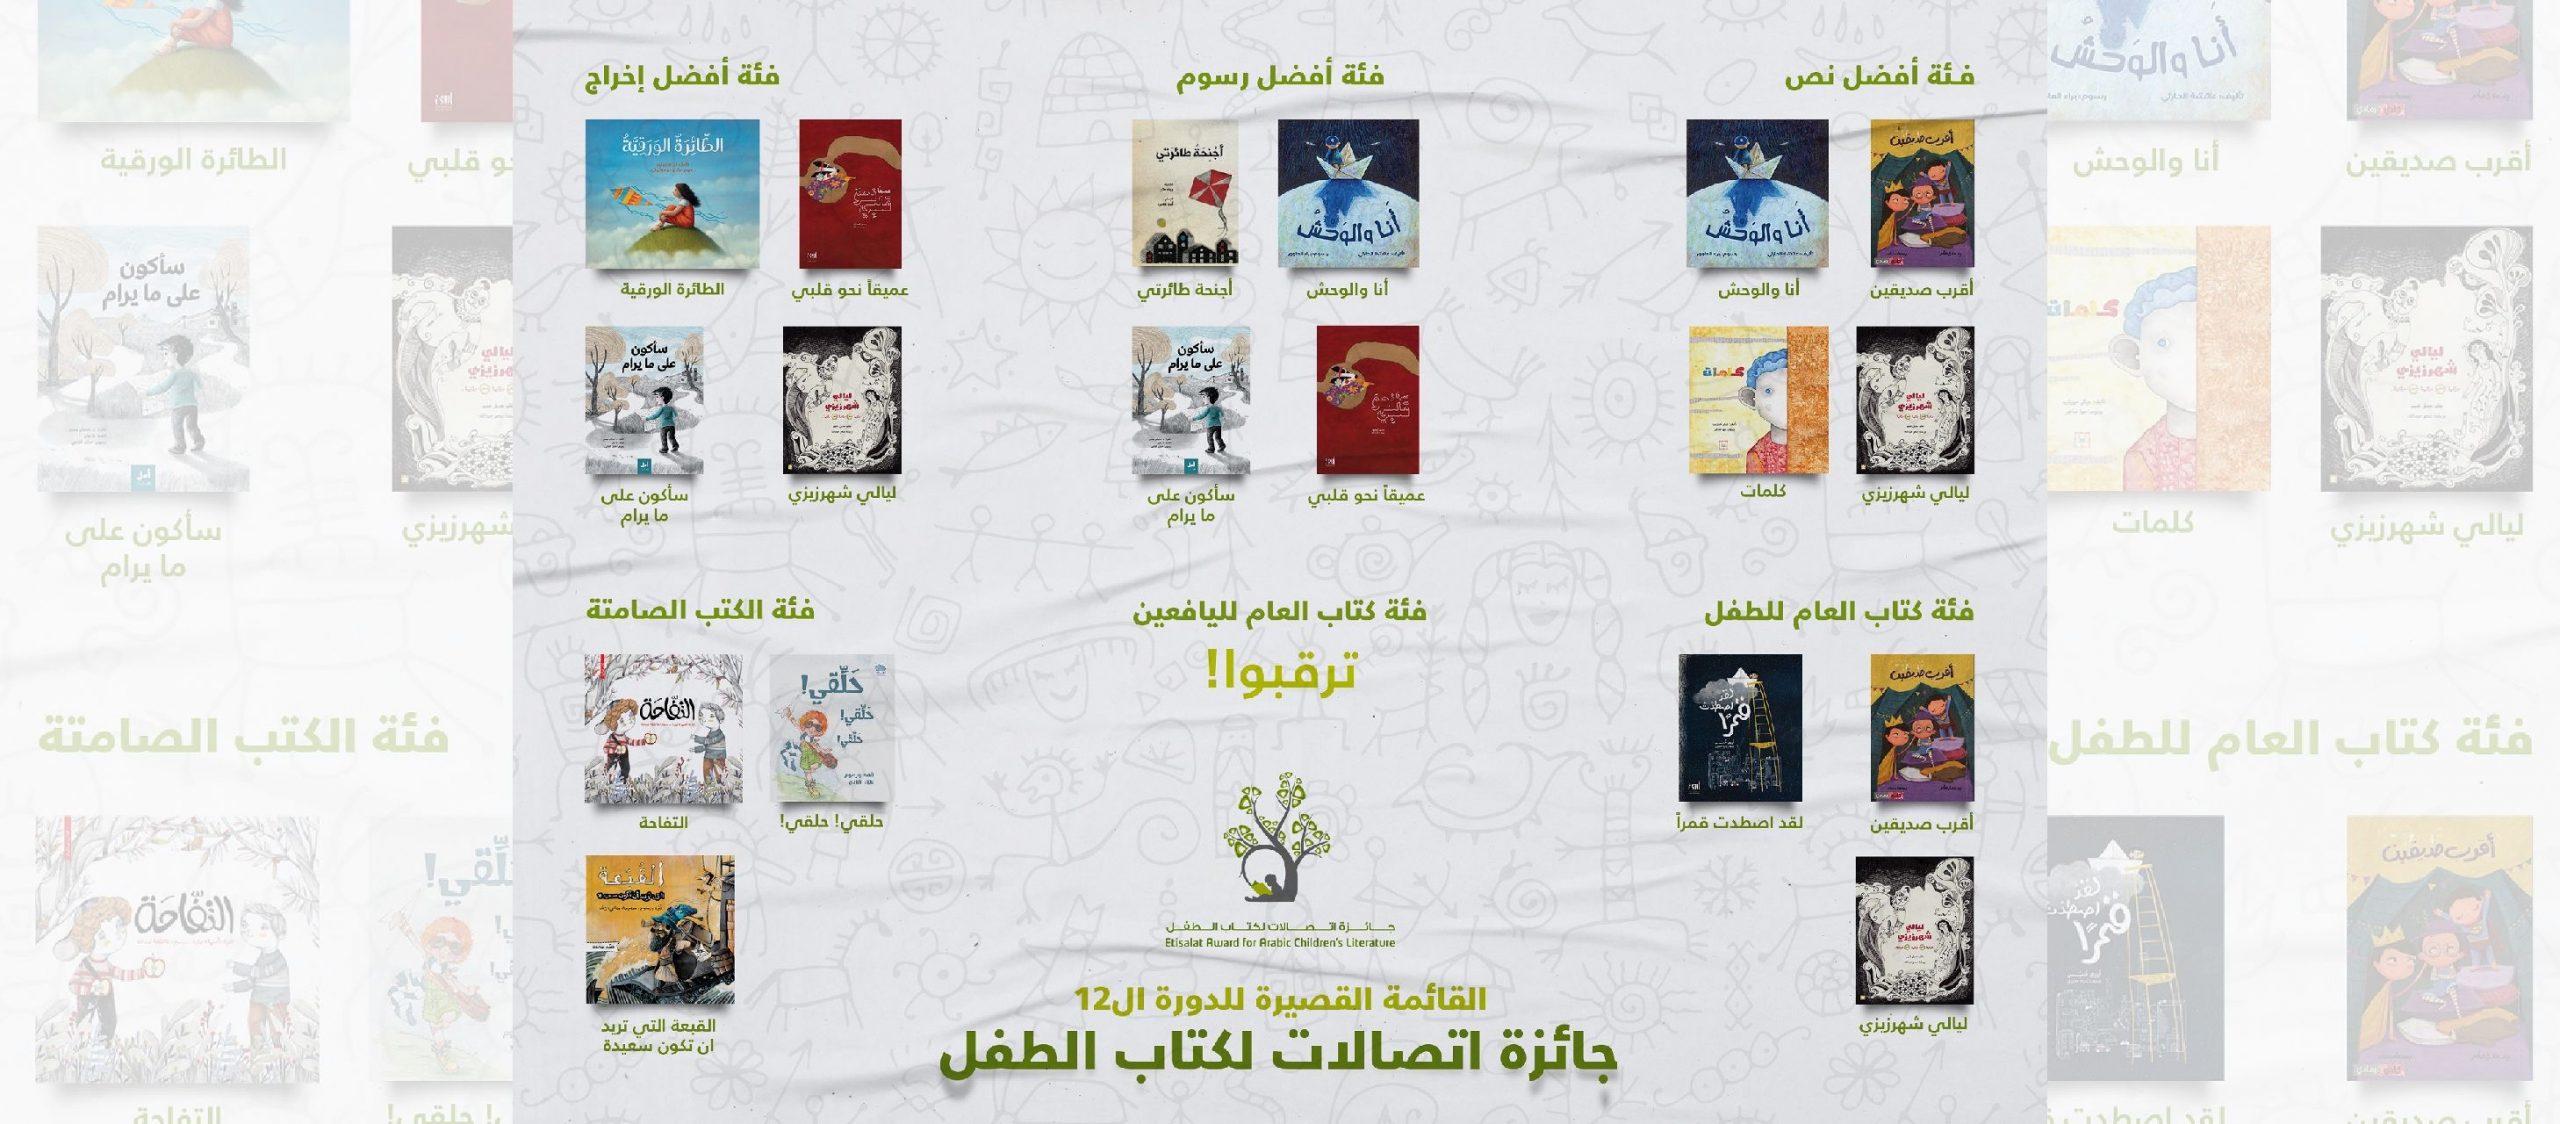 13 كتاباً من سبع دول عربية في القائمة القصيرة لجائزة اتصالات لكتاب الطفل